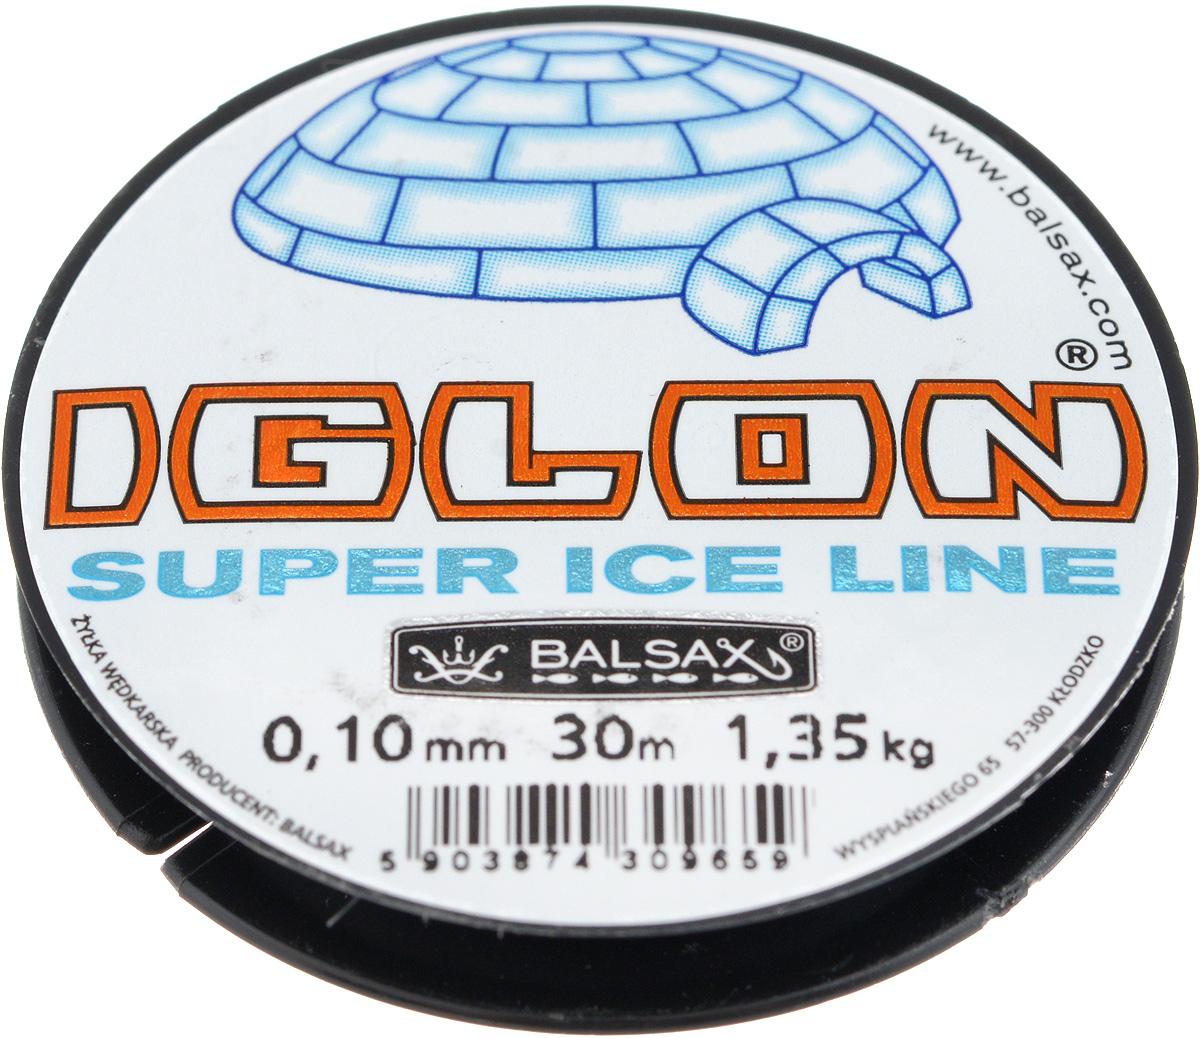 Леска зимняя Balsax Iglon, 30 м, 0,10 мм, 1,35 кг03/1/12Леска Balsax Iglon изготовлена из 100% нейлона и очень хорошо выдерживает низкие температуры. Даже в самом холодном климате, при температуре вплоть до -40°C, она сохраняет свои свойства практически без изменений, в то время как традиционные лески становятся менее эластичными и теряют прочность.Поверхность лески обработана таким образом, что она не обмерзает и отлично подходит для подледного лова. Прочна в местах вязки узлов даже при минимальном диаметре.